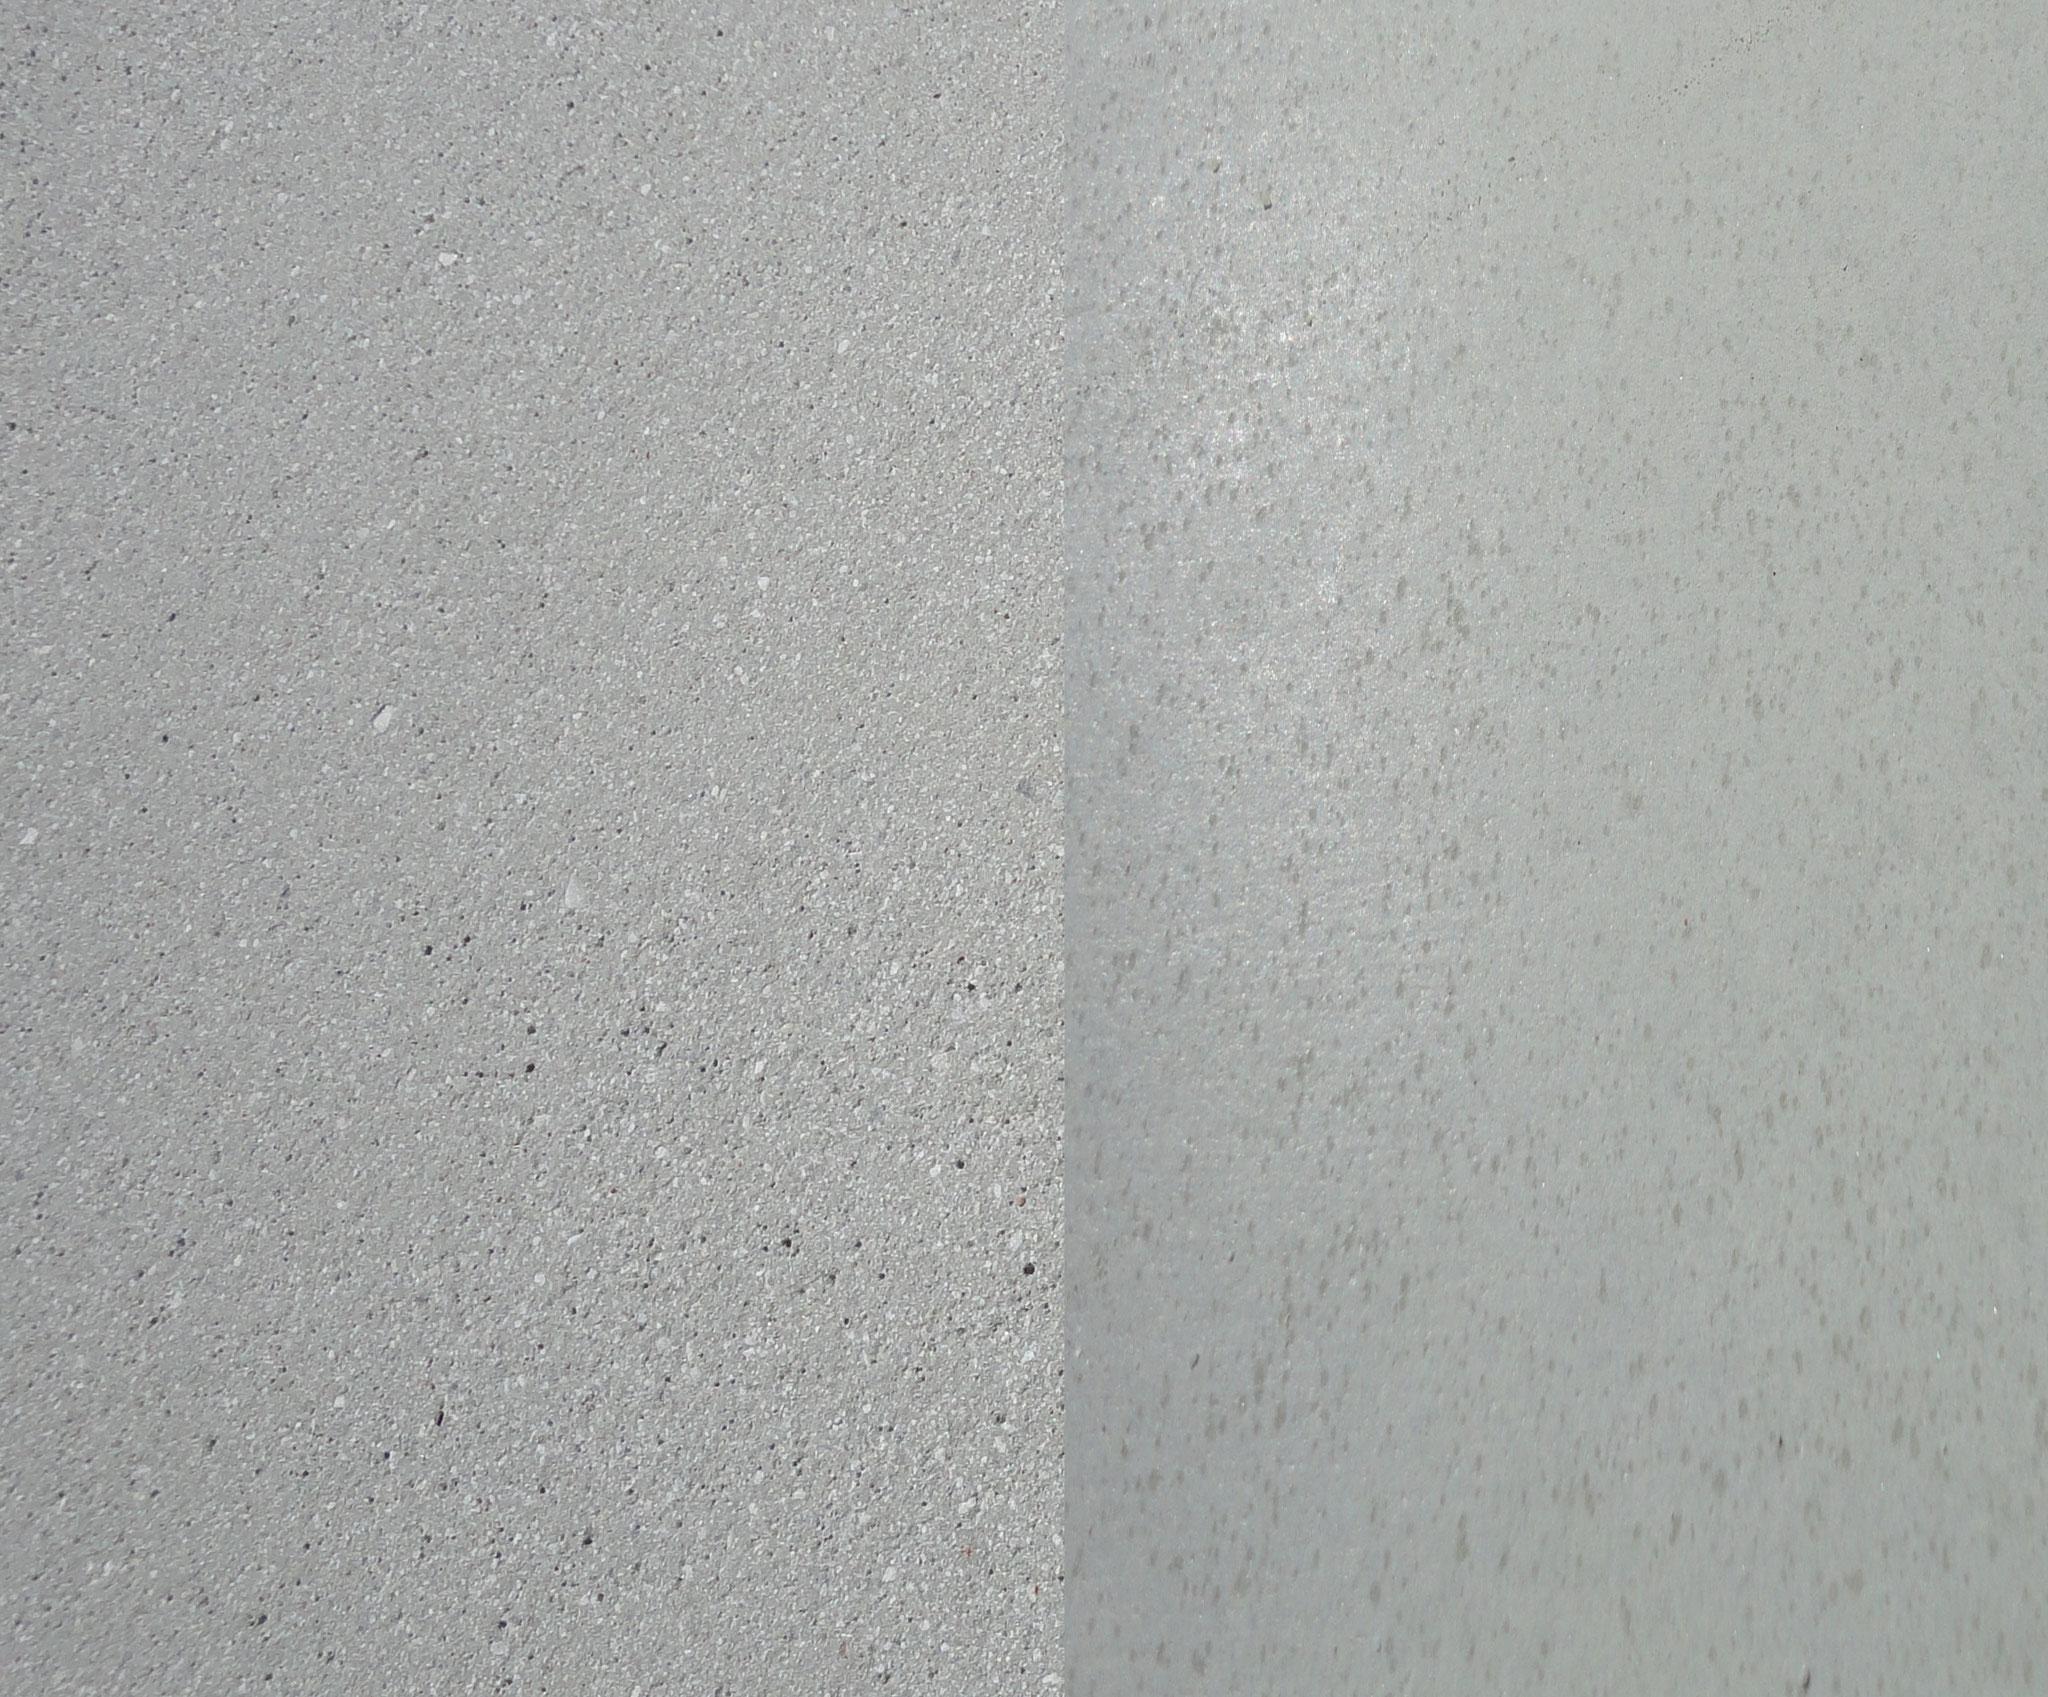 Farbe: silber-grau, Farbnummer: 15, sandgestrahlt/schalrein